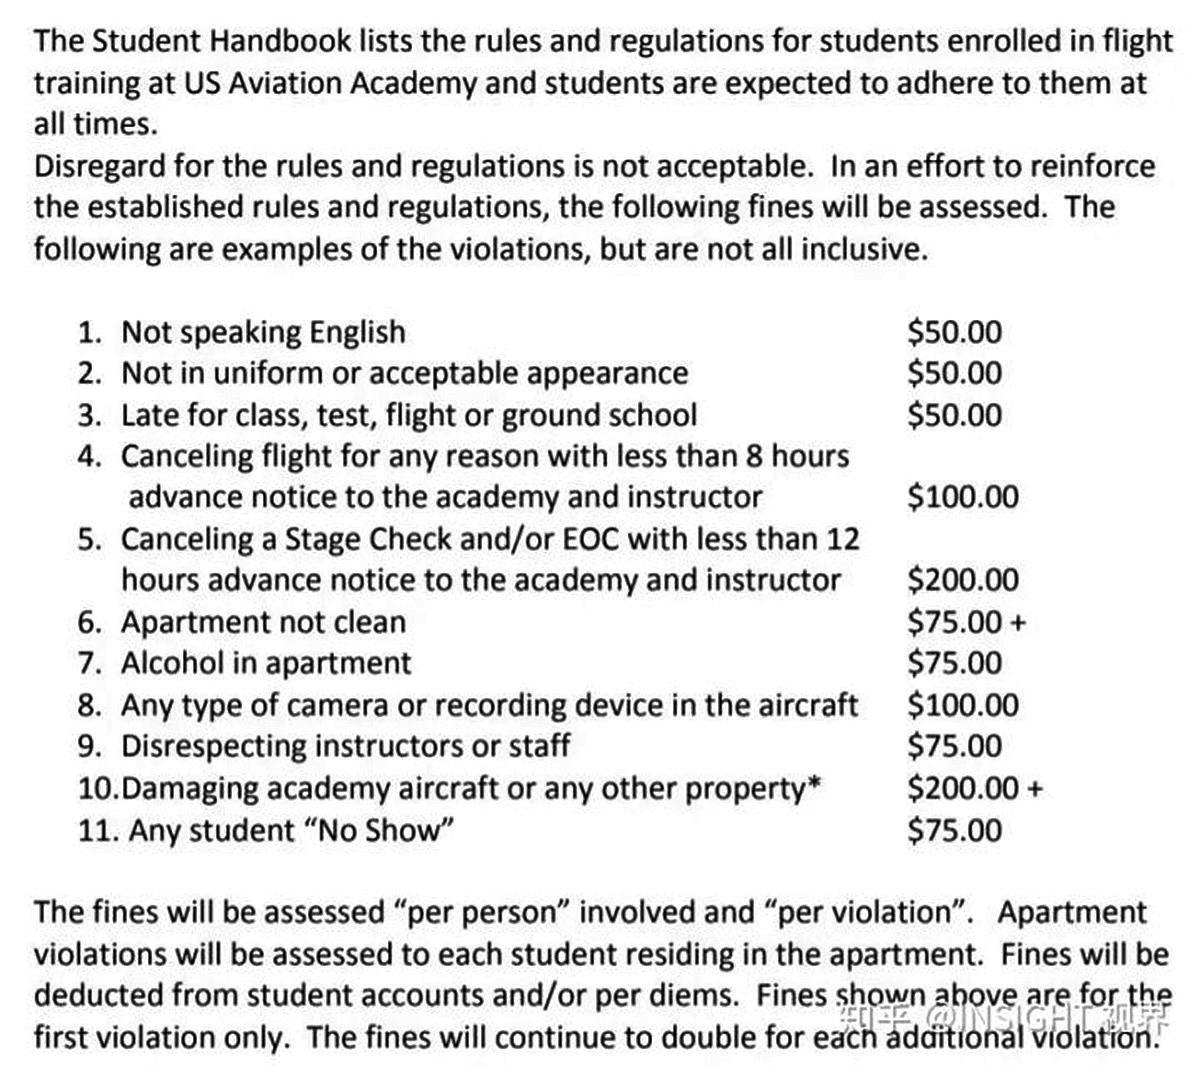 USAG給中國飛行員列出的各種規章制度,包括「不說英文」、「遲到」「宿舍不乾淨」、等等都有對應的罰款標準。(網絡圖片)